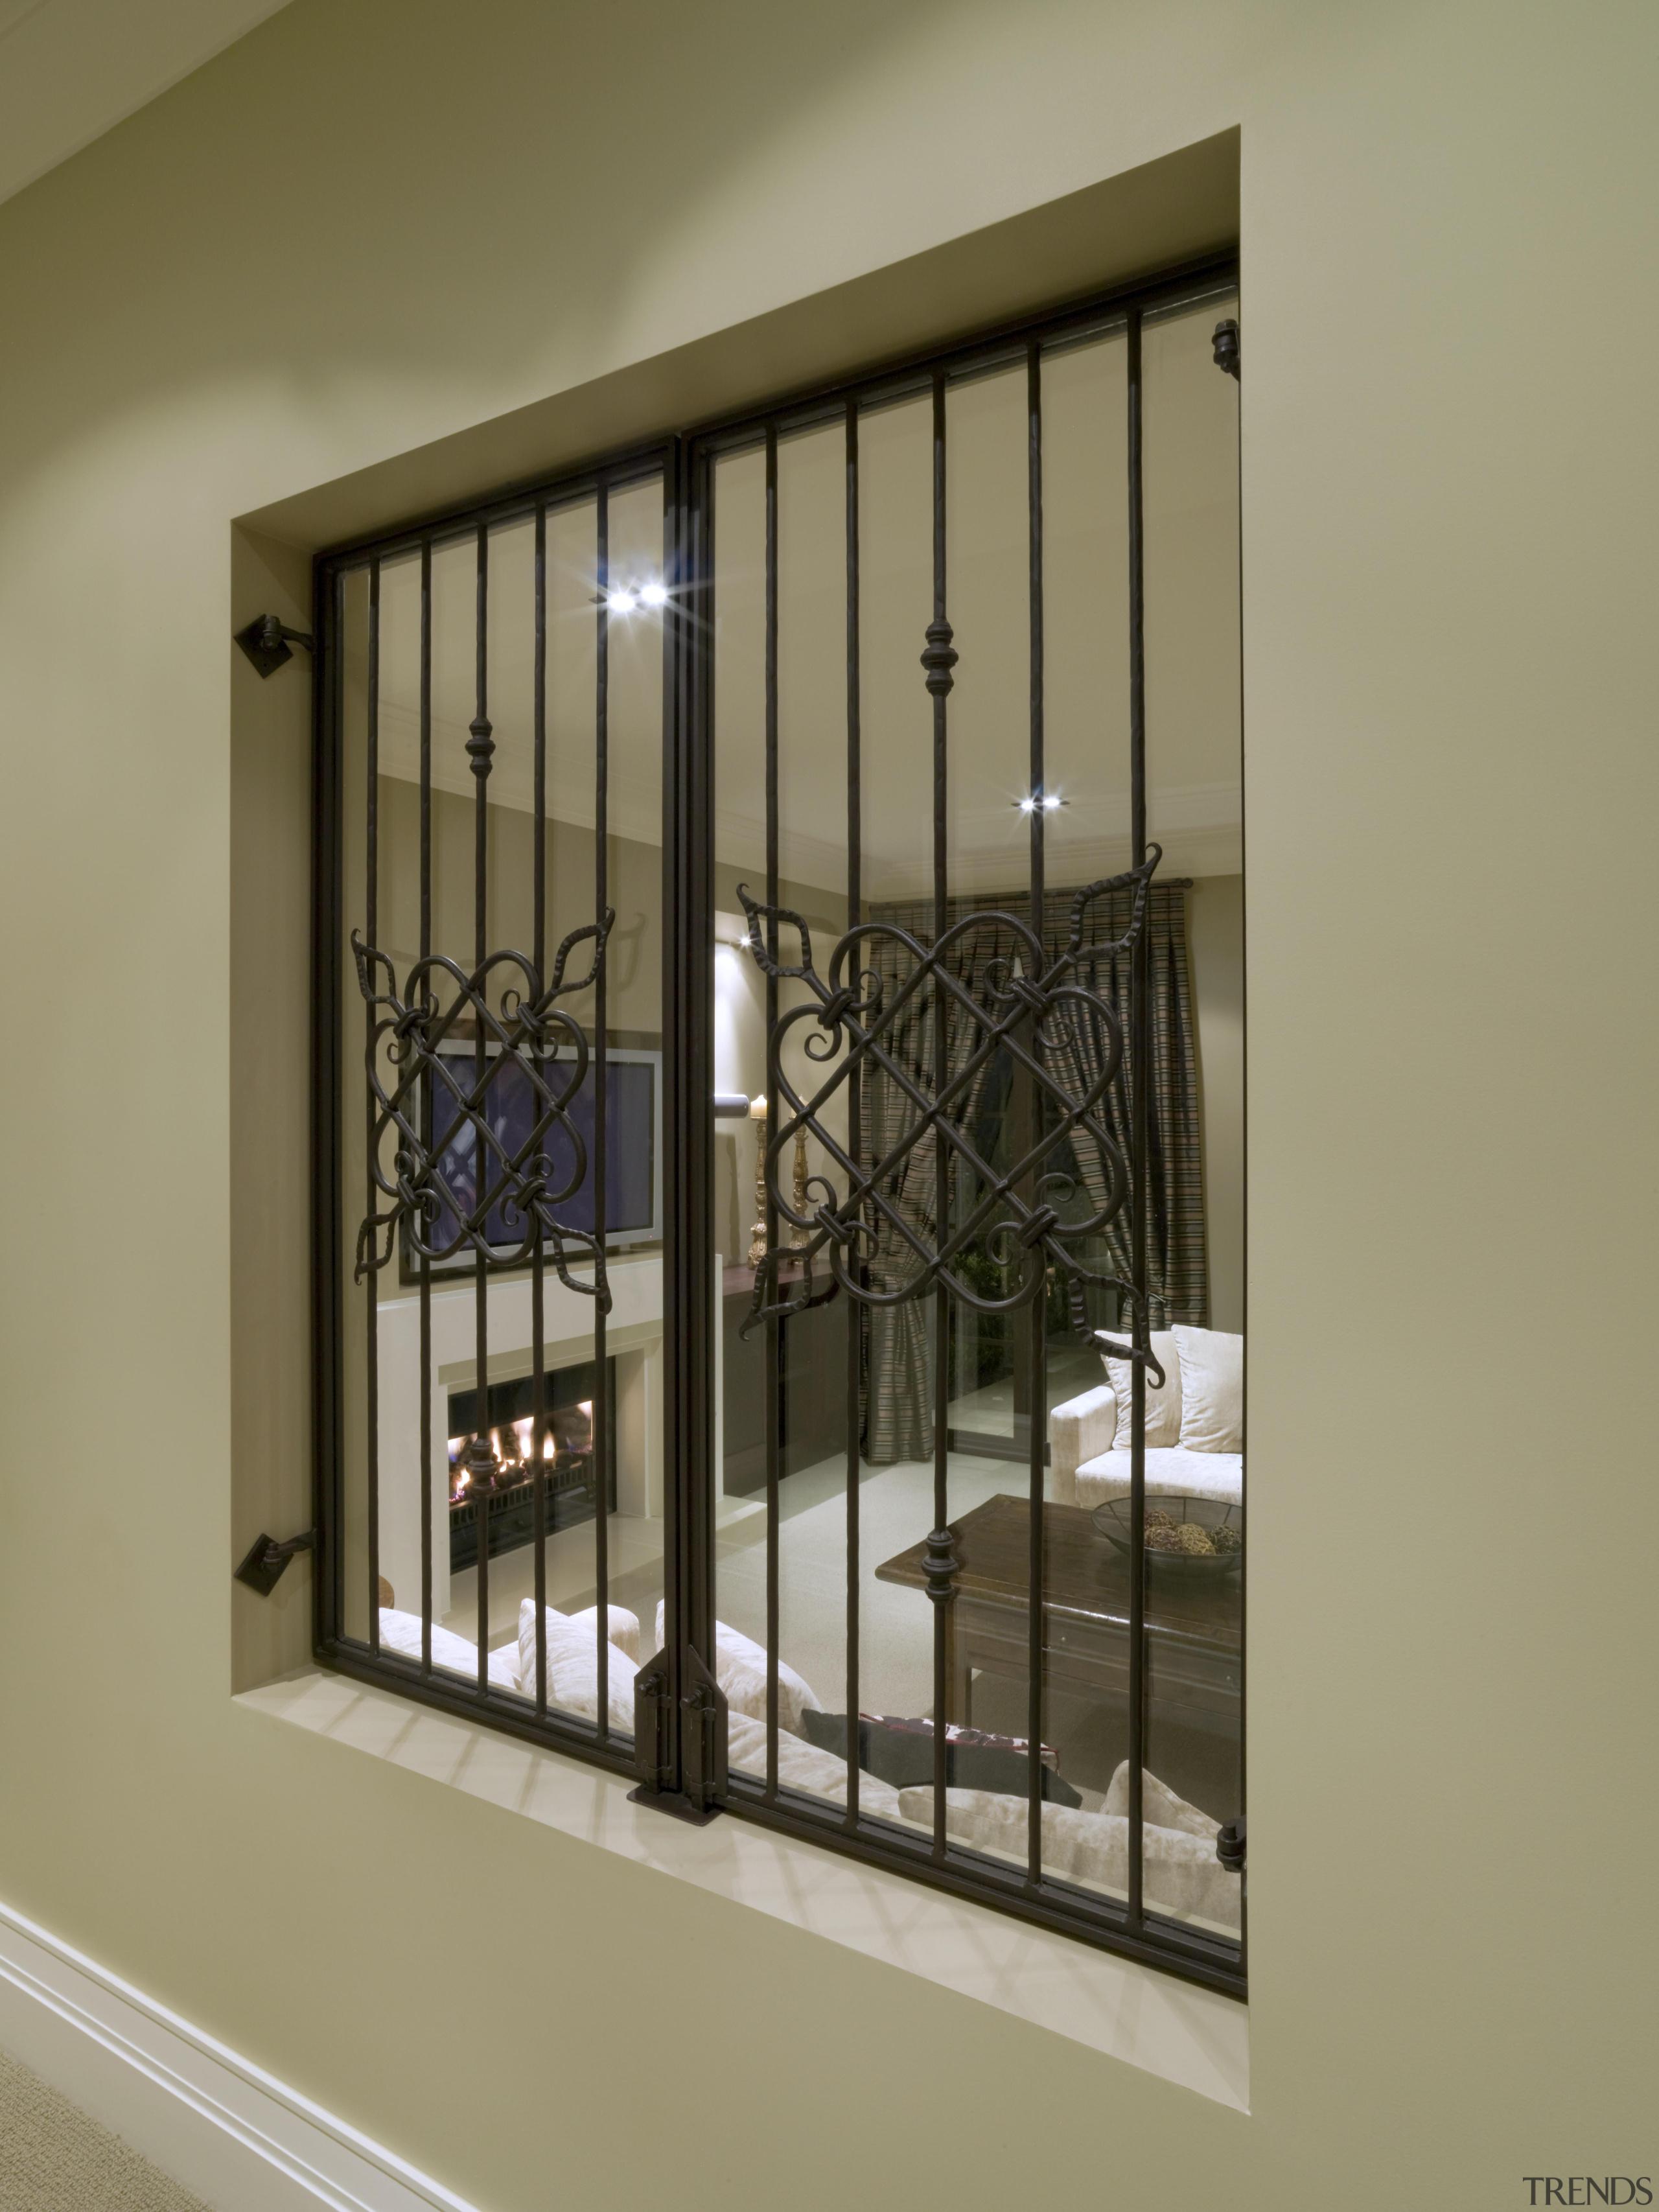 118goodlands 218 - Goodlands_218 - door | glass door, glass, handrail, interior design, iron, window, orange, brown